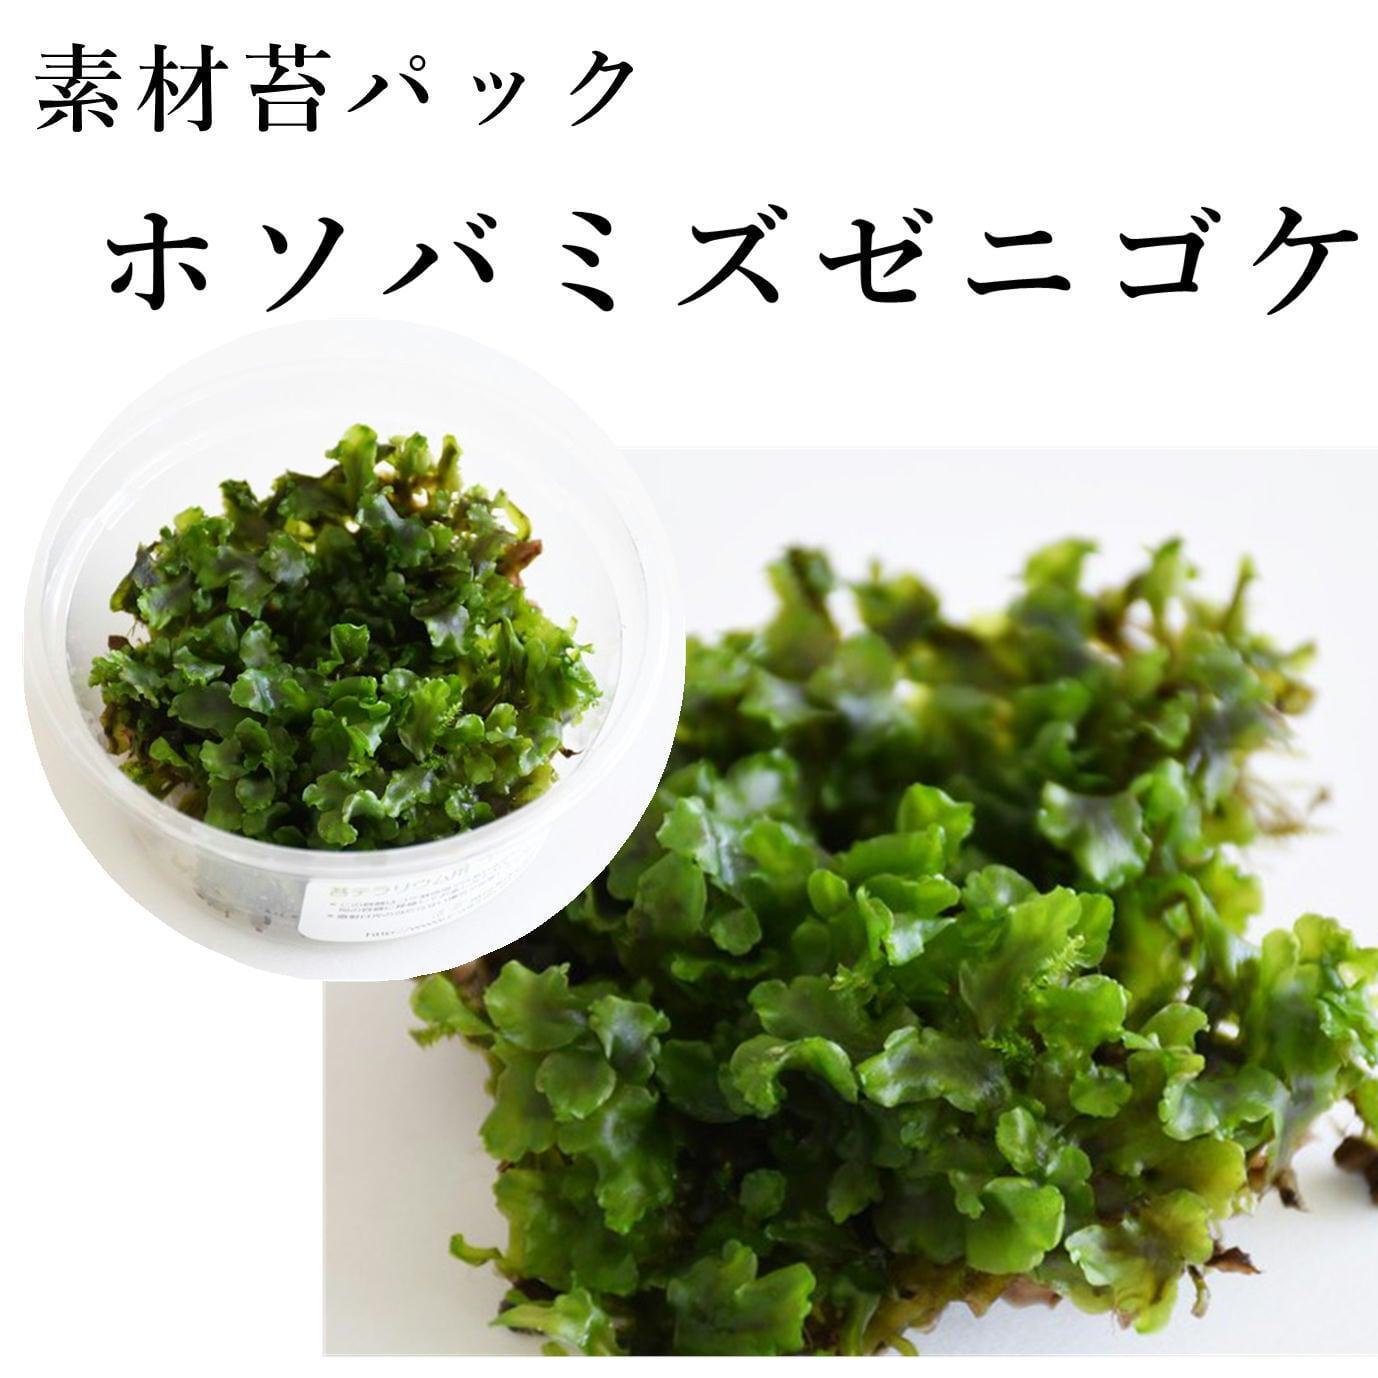 ホソバミズゼニゴケ 苔テラリウム作製用素材苔